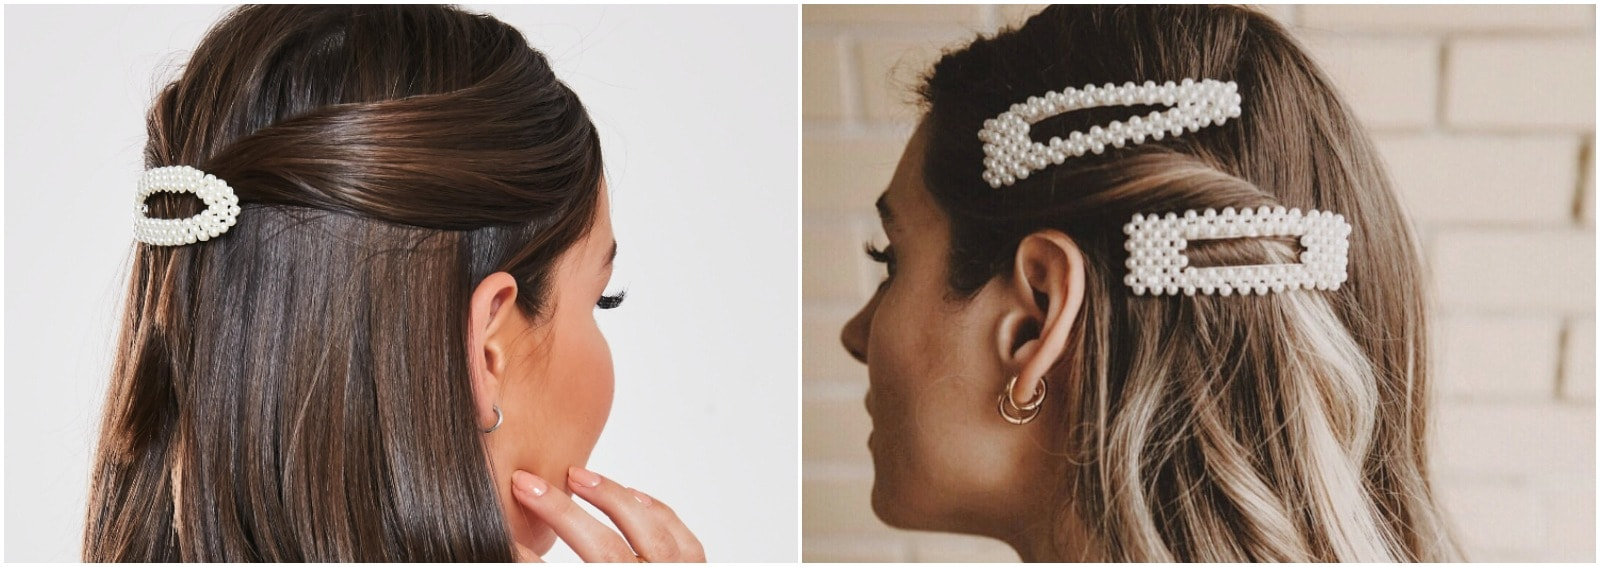 fermagli con le perle come portarli sui capelli per avere un look glam cover desktop